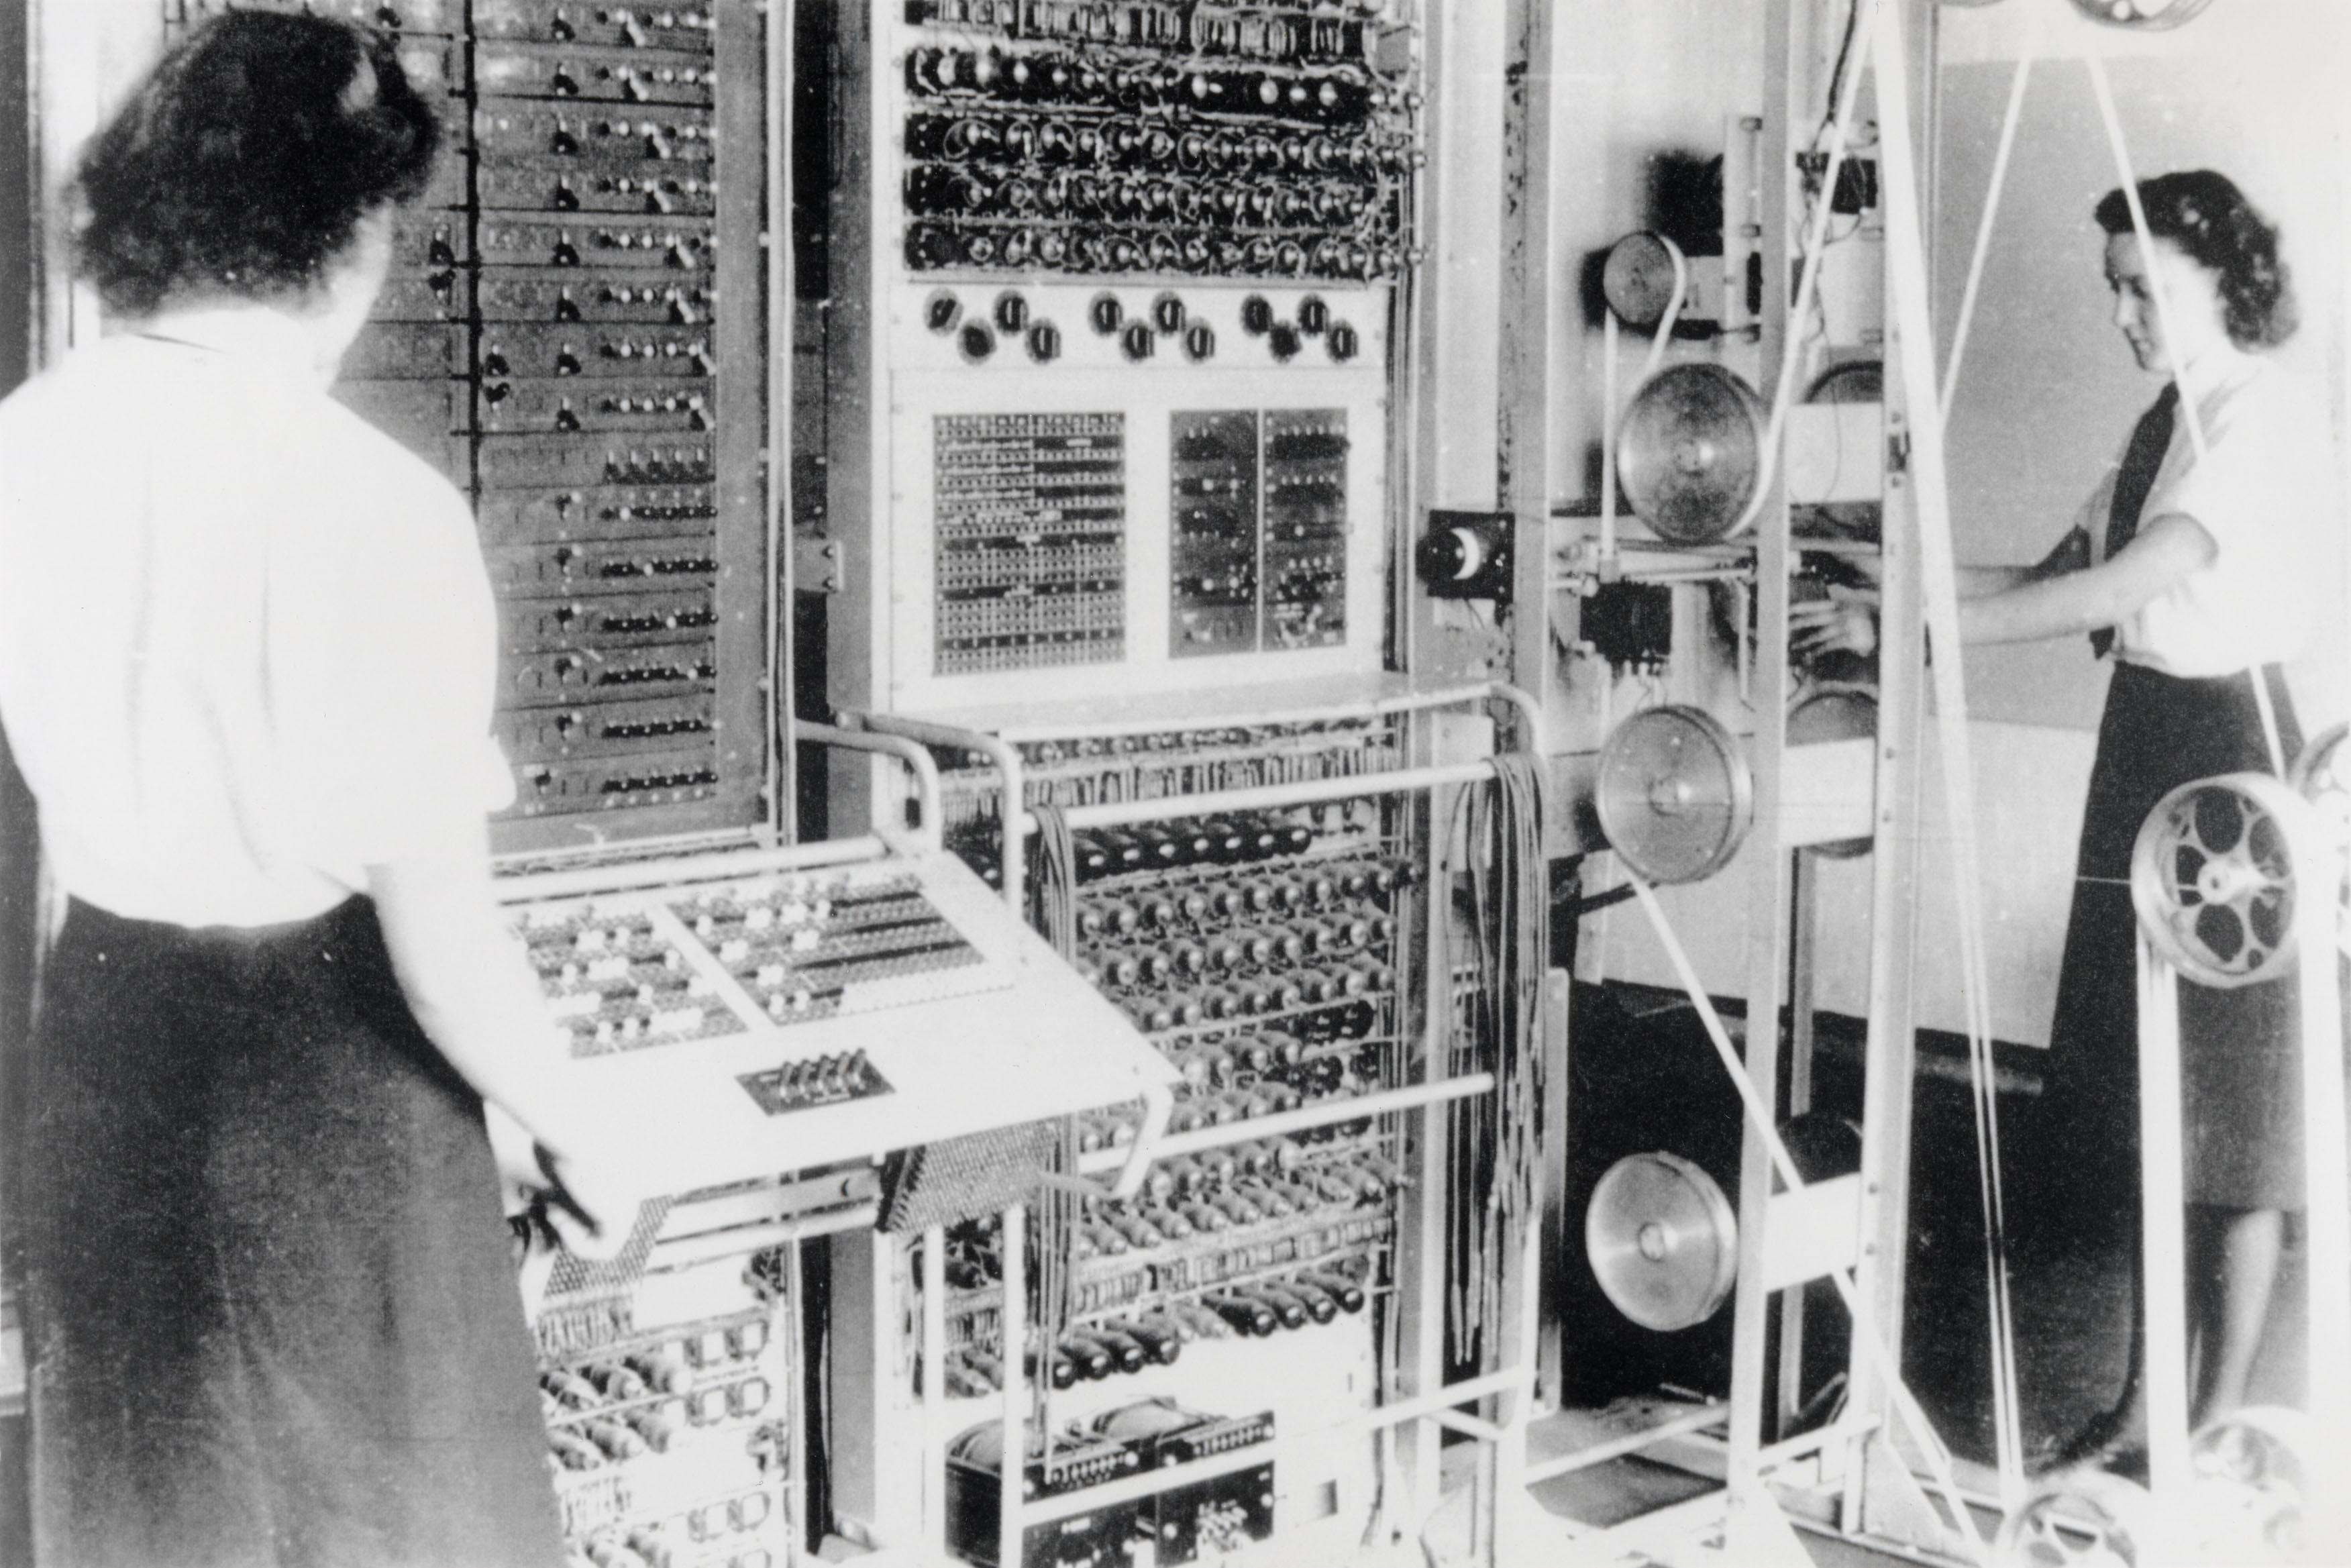 Deux femmes en train de manipuler un très vieil ordinateur.